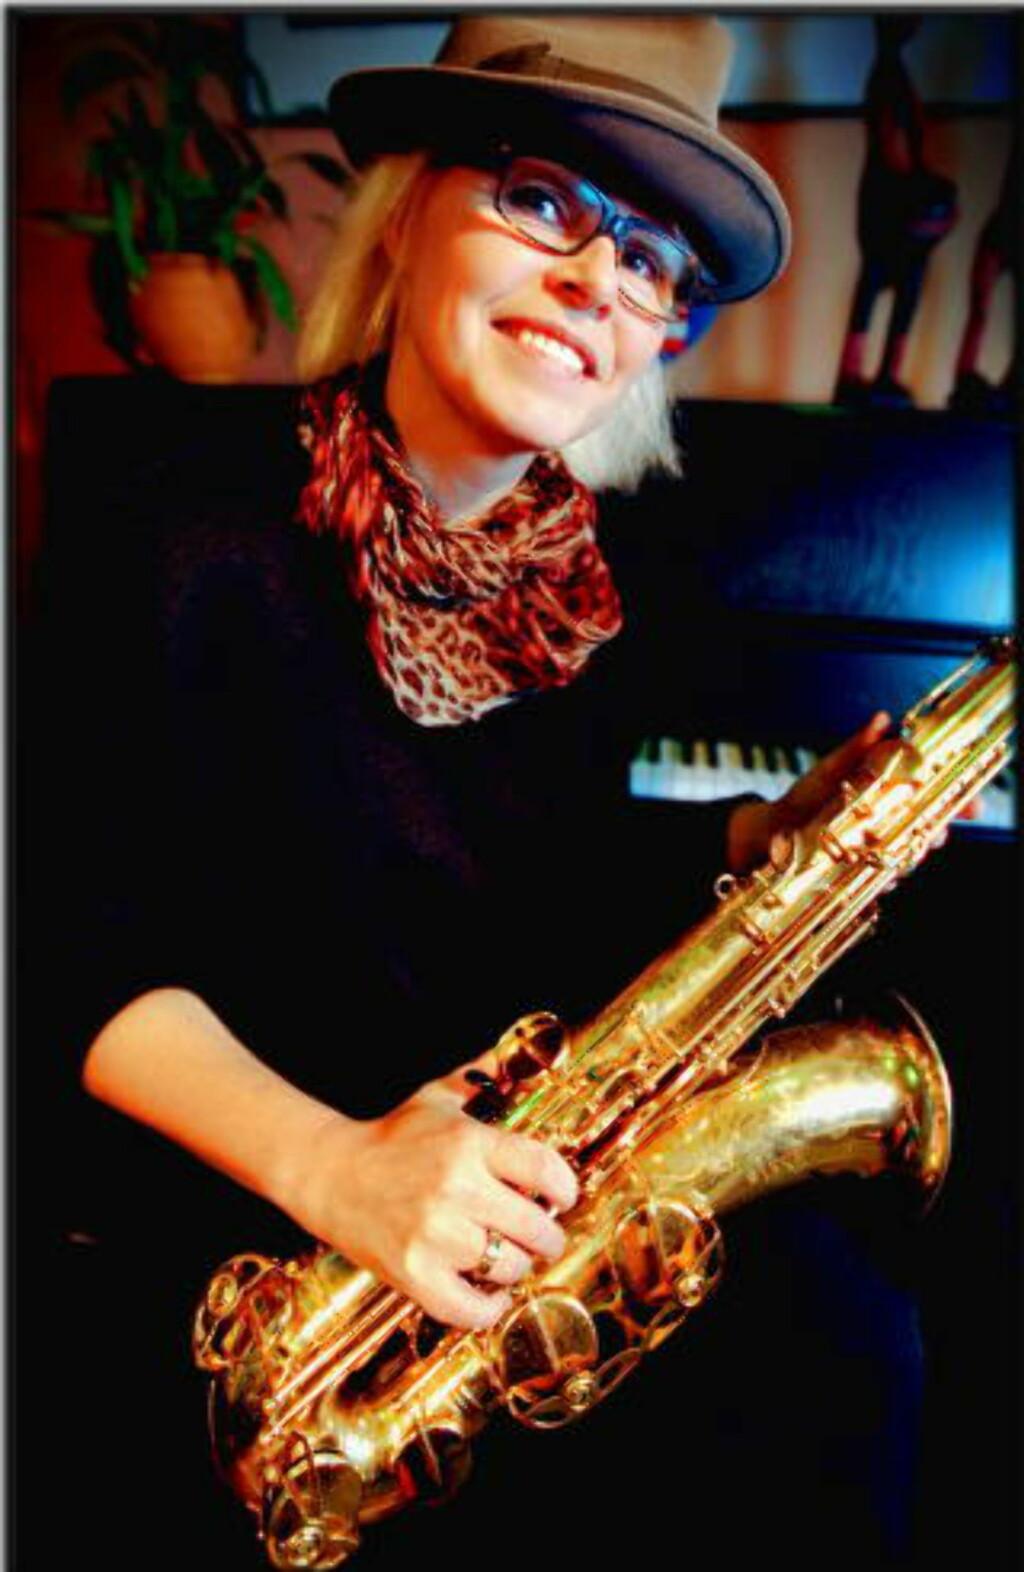 GREP:  Bodil Niska sikret seg en tenorsaksofon i ung alder, og har beholdt grepet om det instrumentet siden. FOTO: TOM MARTINSEN / DAGBLADET